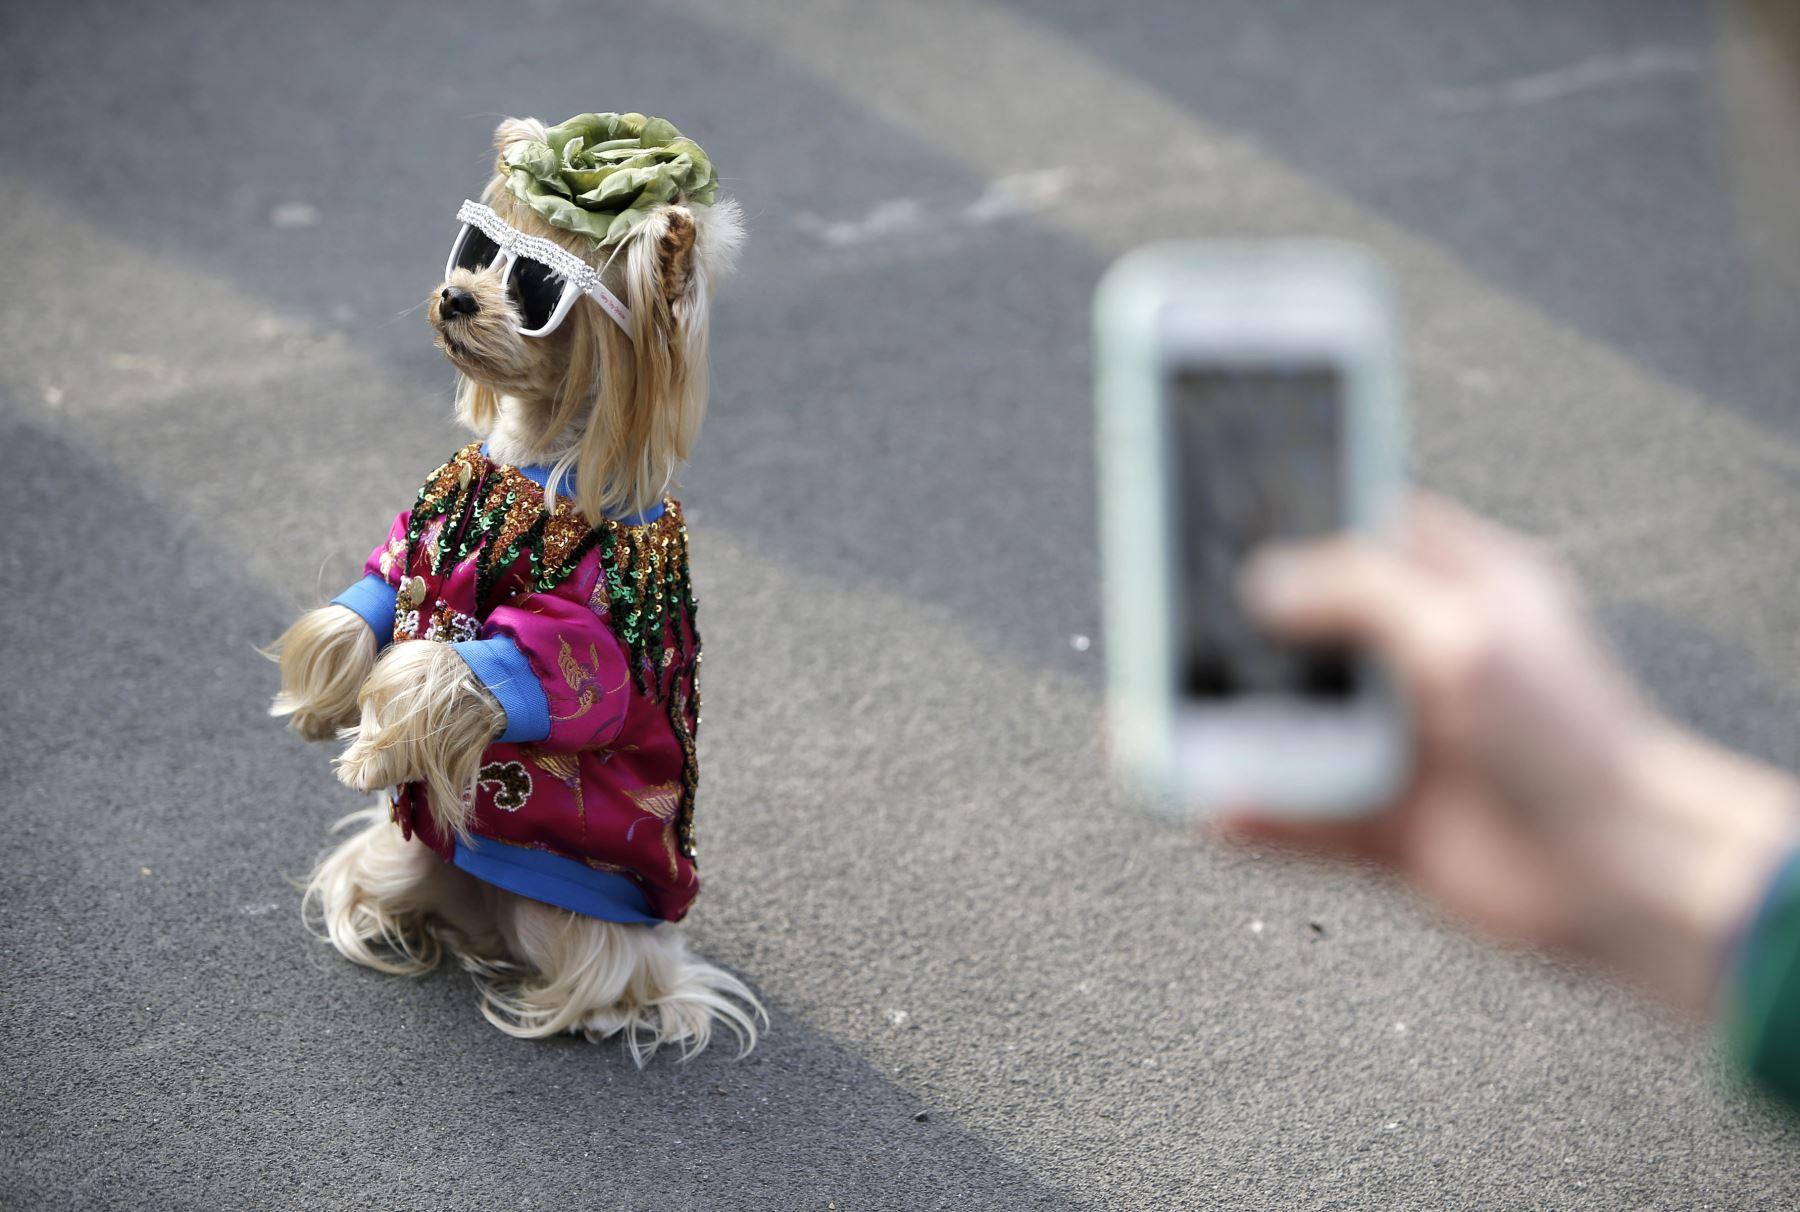 Un perro que lleva gafas de sol camina por las calles de Milán.Foto: AFP